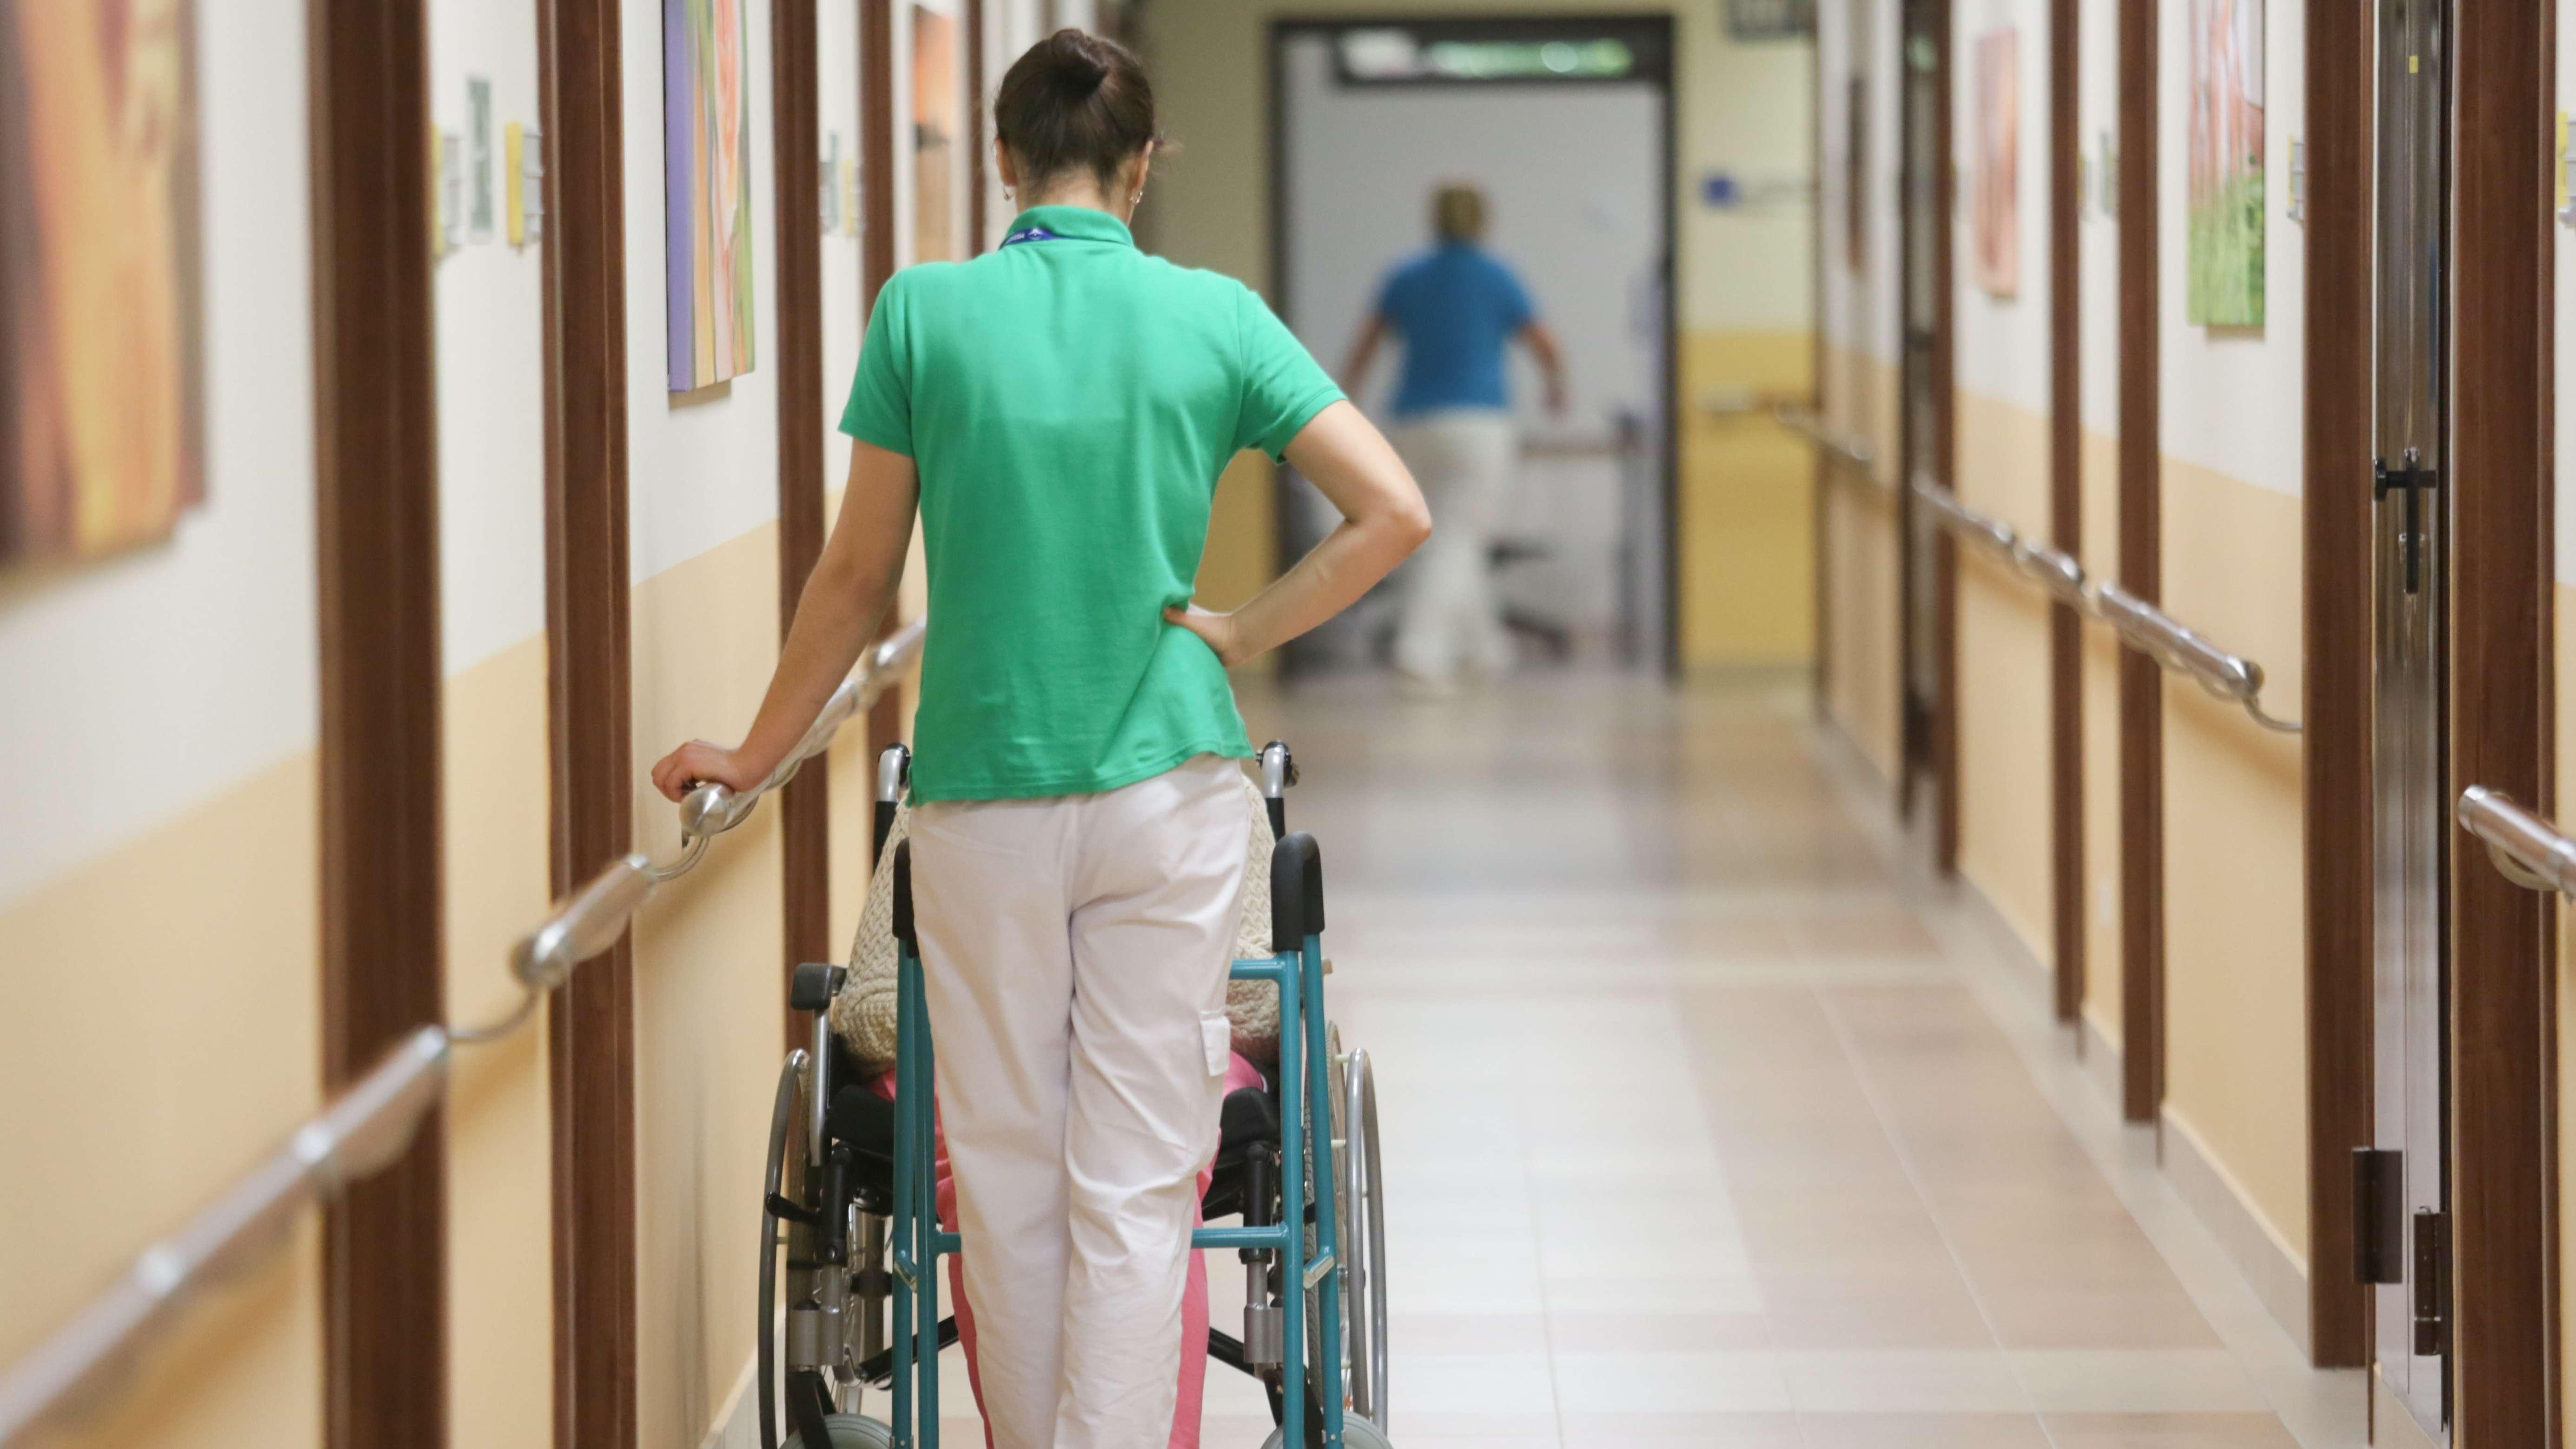 Hohe Verantwortung, hohe Qualifikation, niedriges Gehalt: Eine Altenpflegerin mit einer Dame im Rollstuhl.